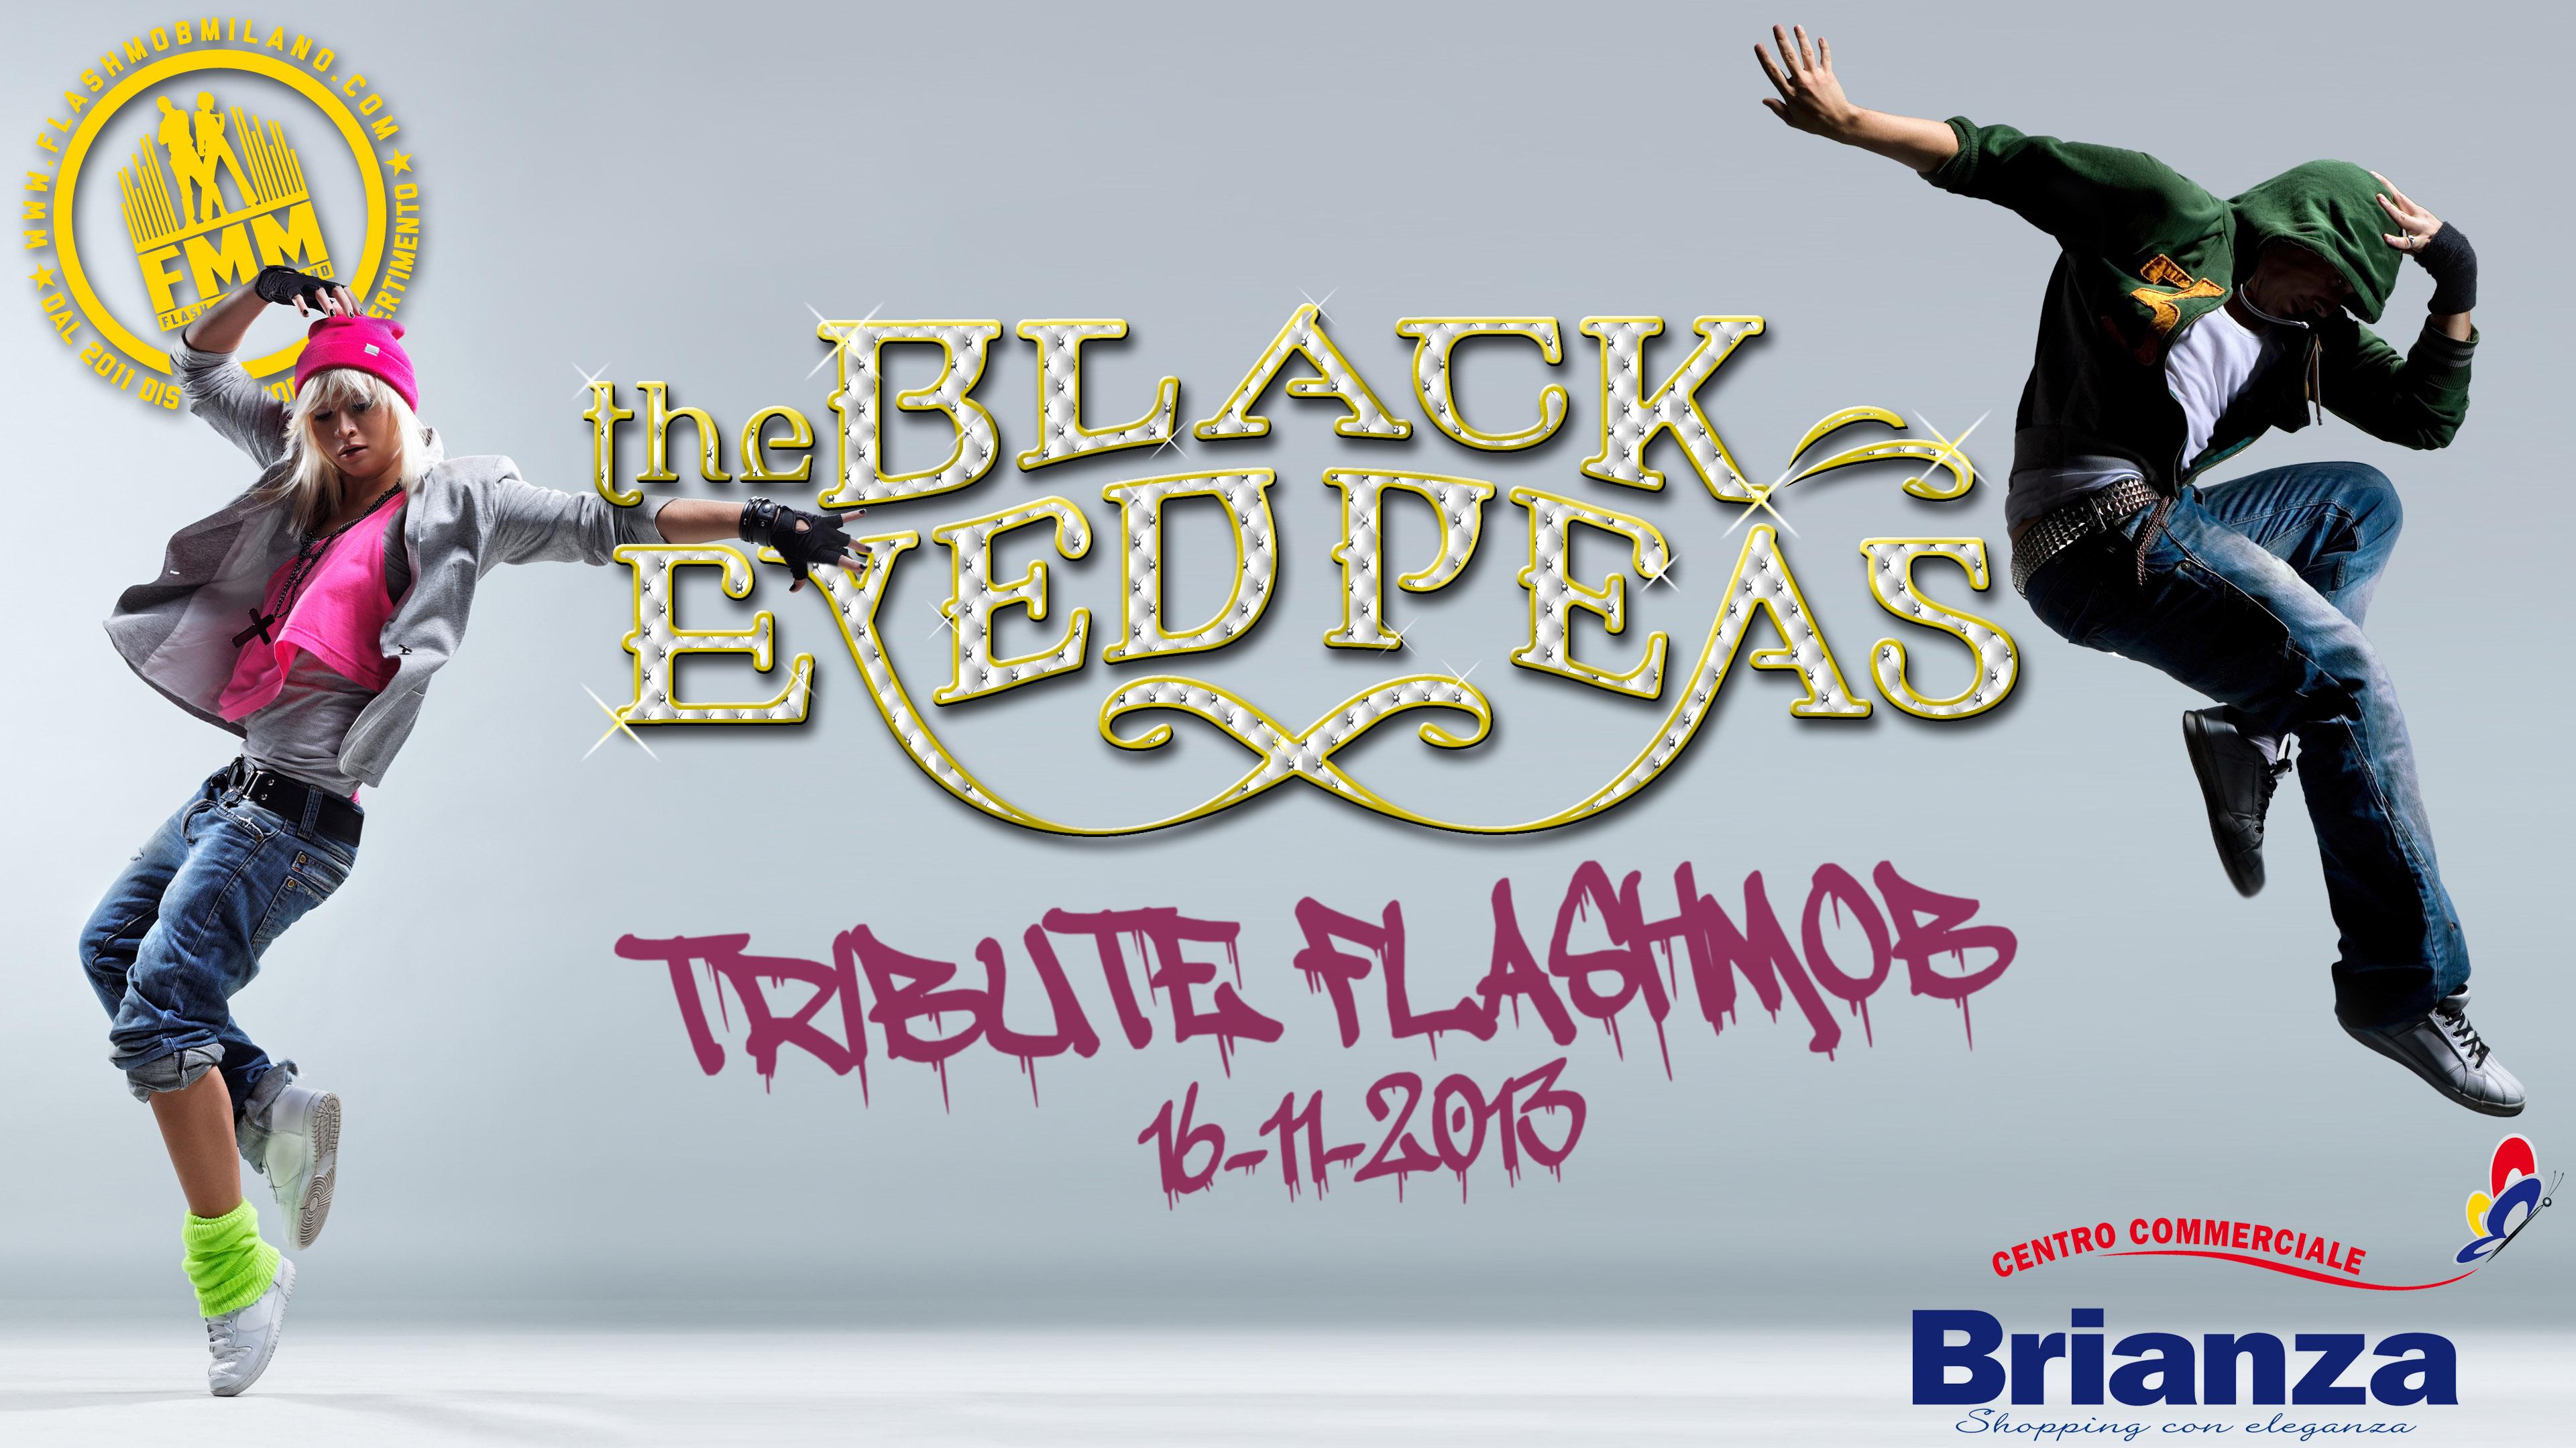 In Brianza arriva il Black Eyed Peas Tribute Flashmob